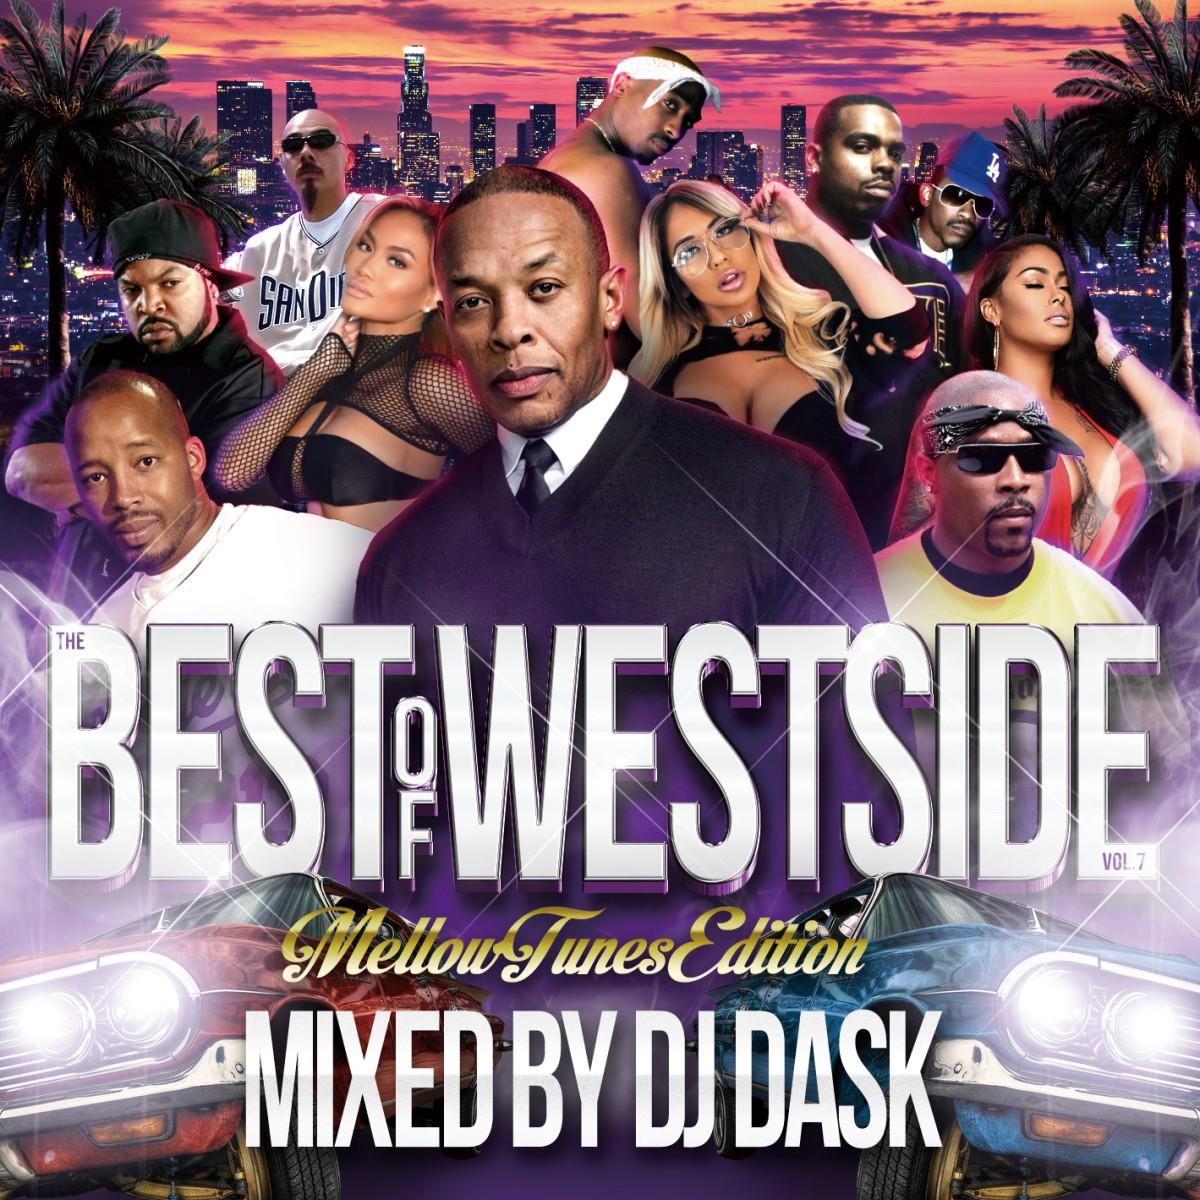 激甘メロウウエッサイベスト!【洋楽CD・MixCD】The Best Of Westside Vol. 7 -Mellow Tunes Edition- / DJ Dask【M便 2/12】